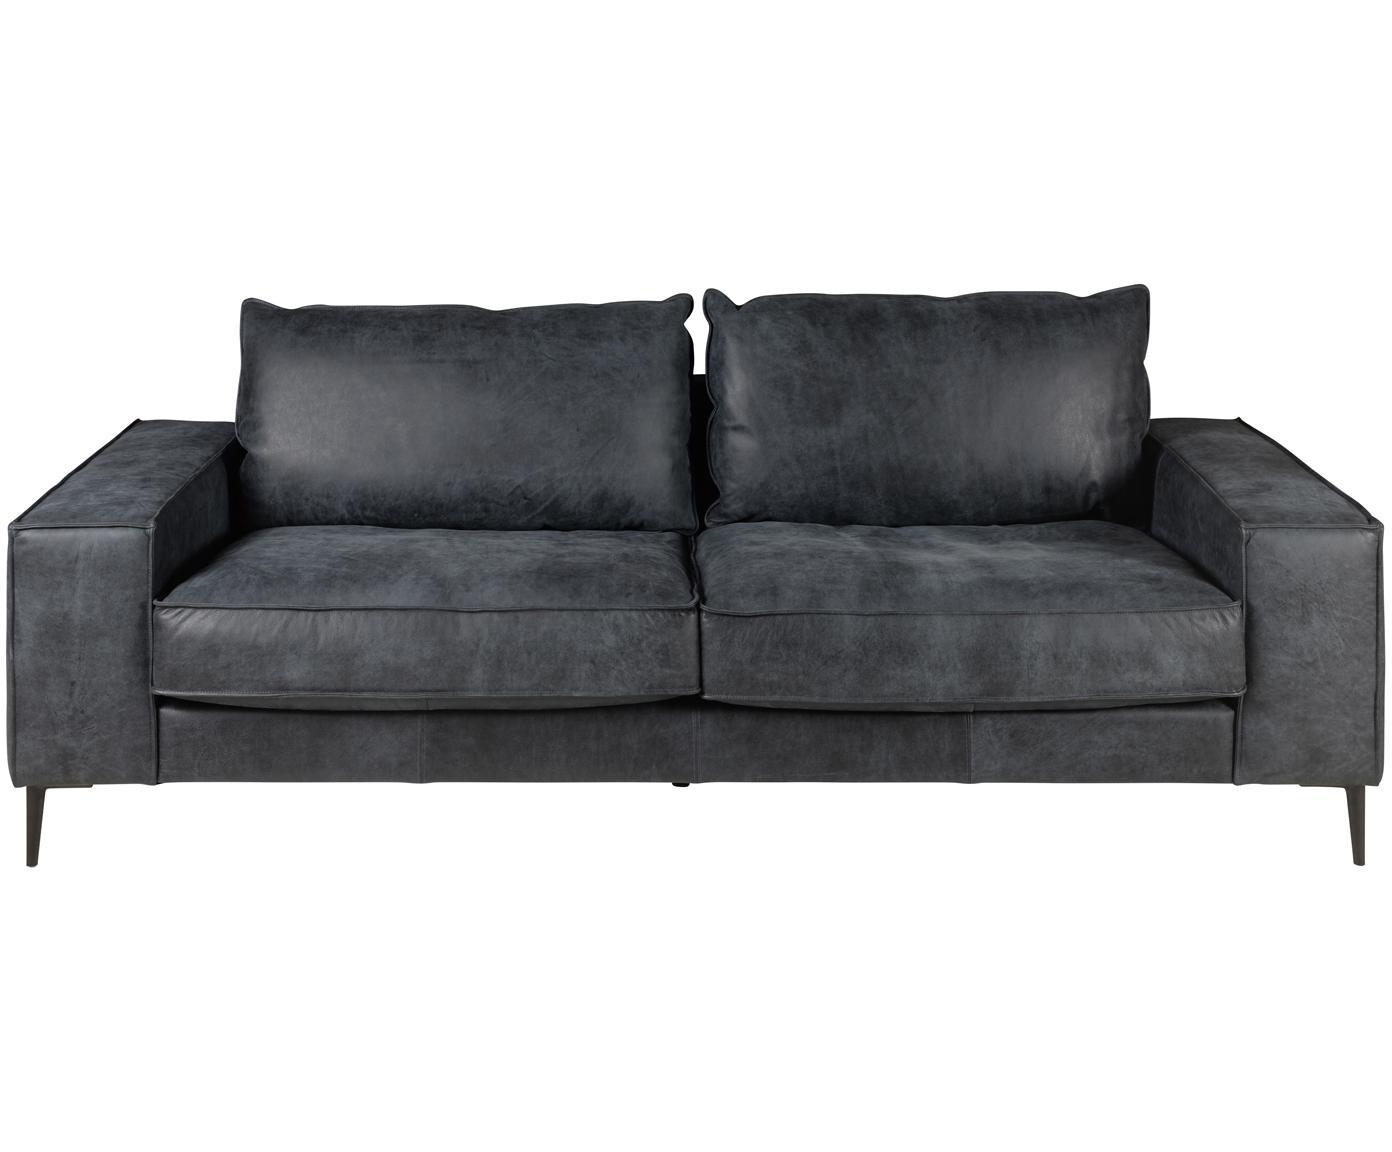 Sofa ze skóry Brett (3-osobowa), Tapicerka: skóra bydlęca, gładka, Stelaż: aluminium, lakierowane, Czarny, szary, S 215 x G 90 cm